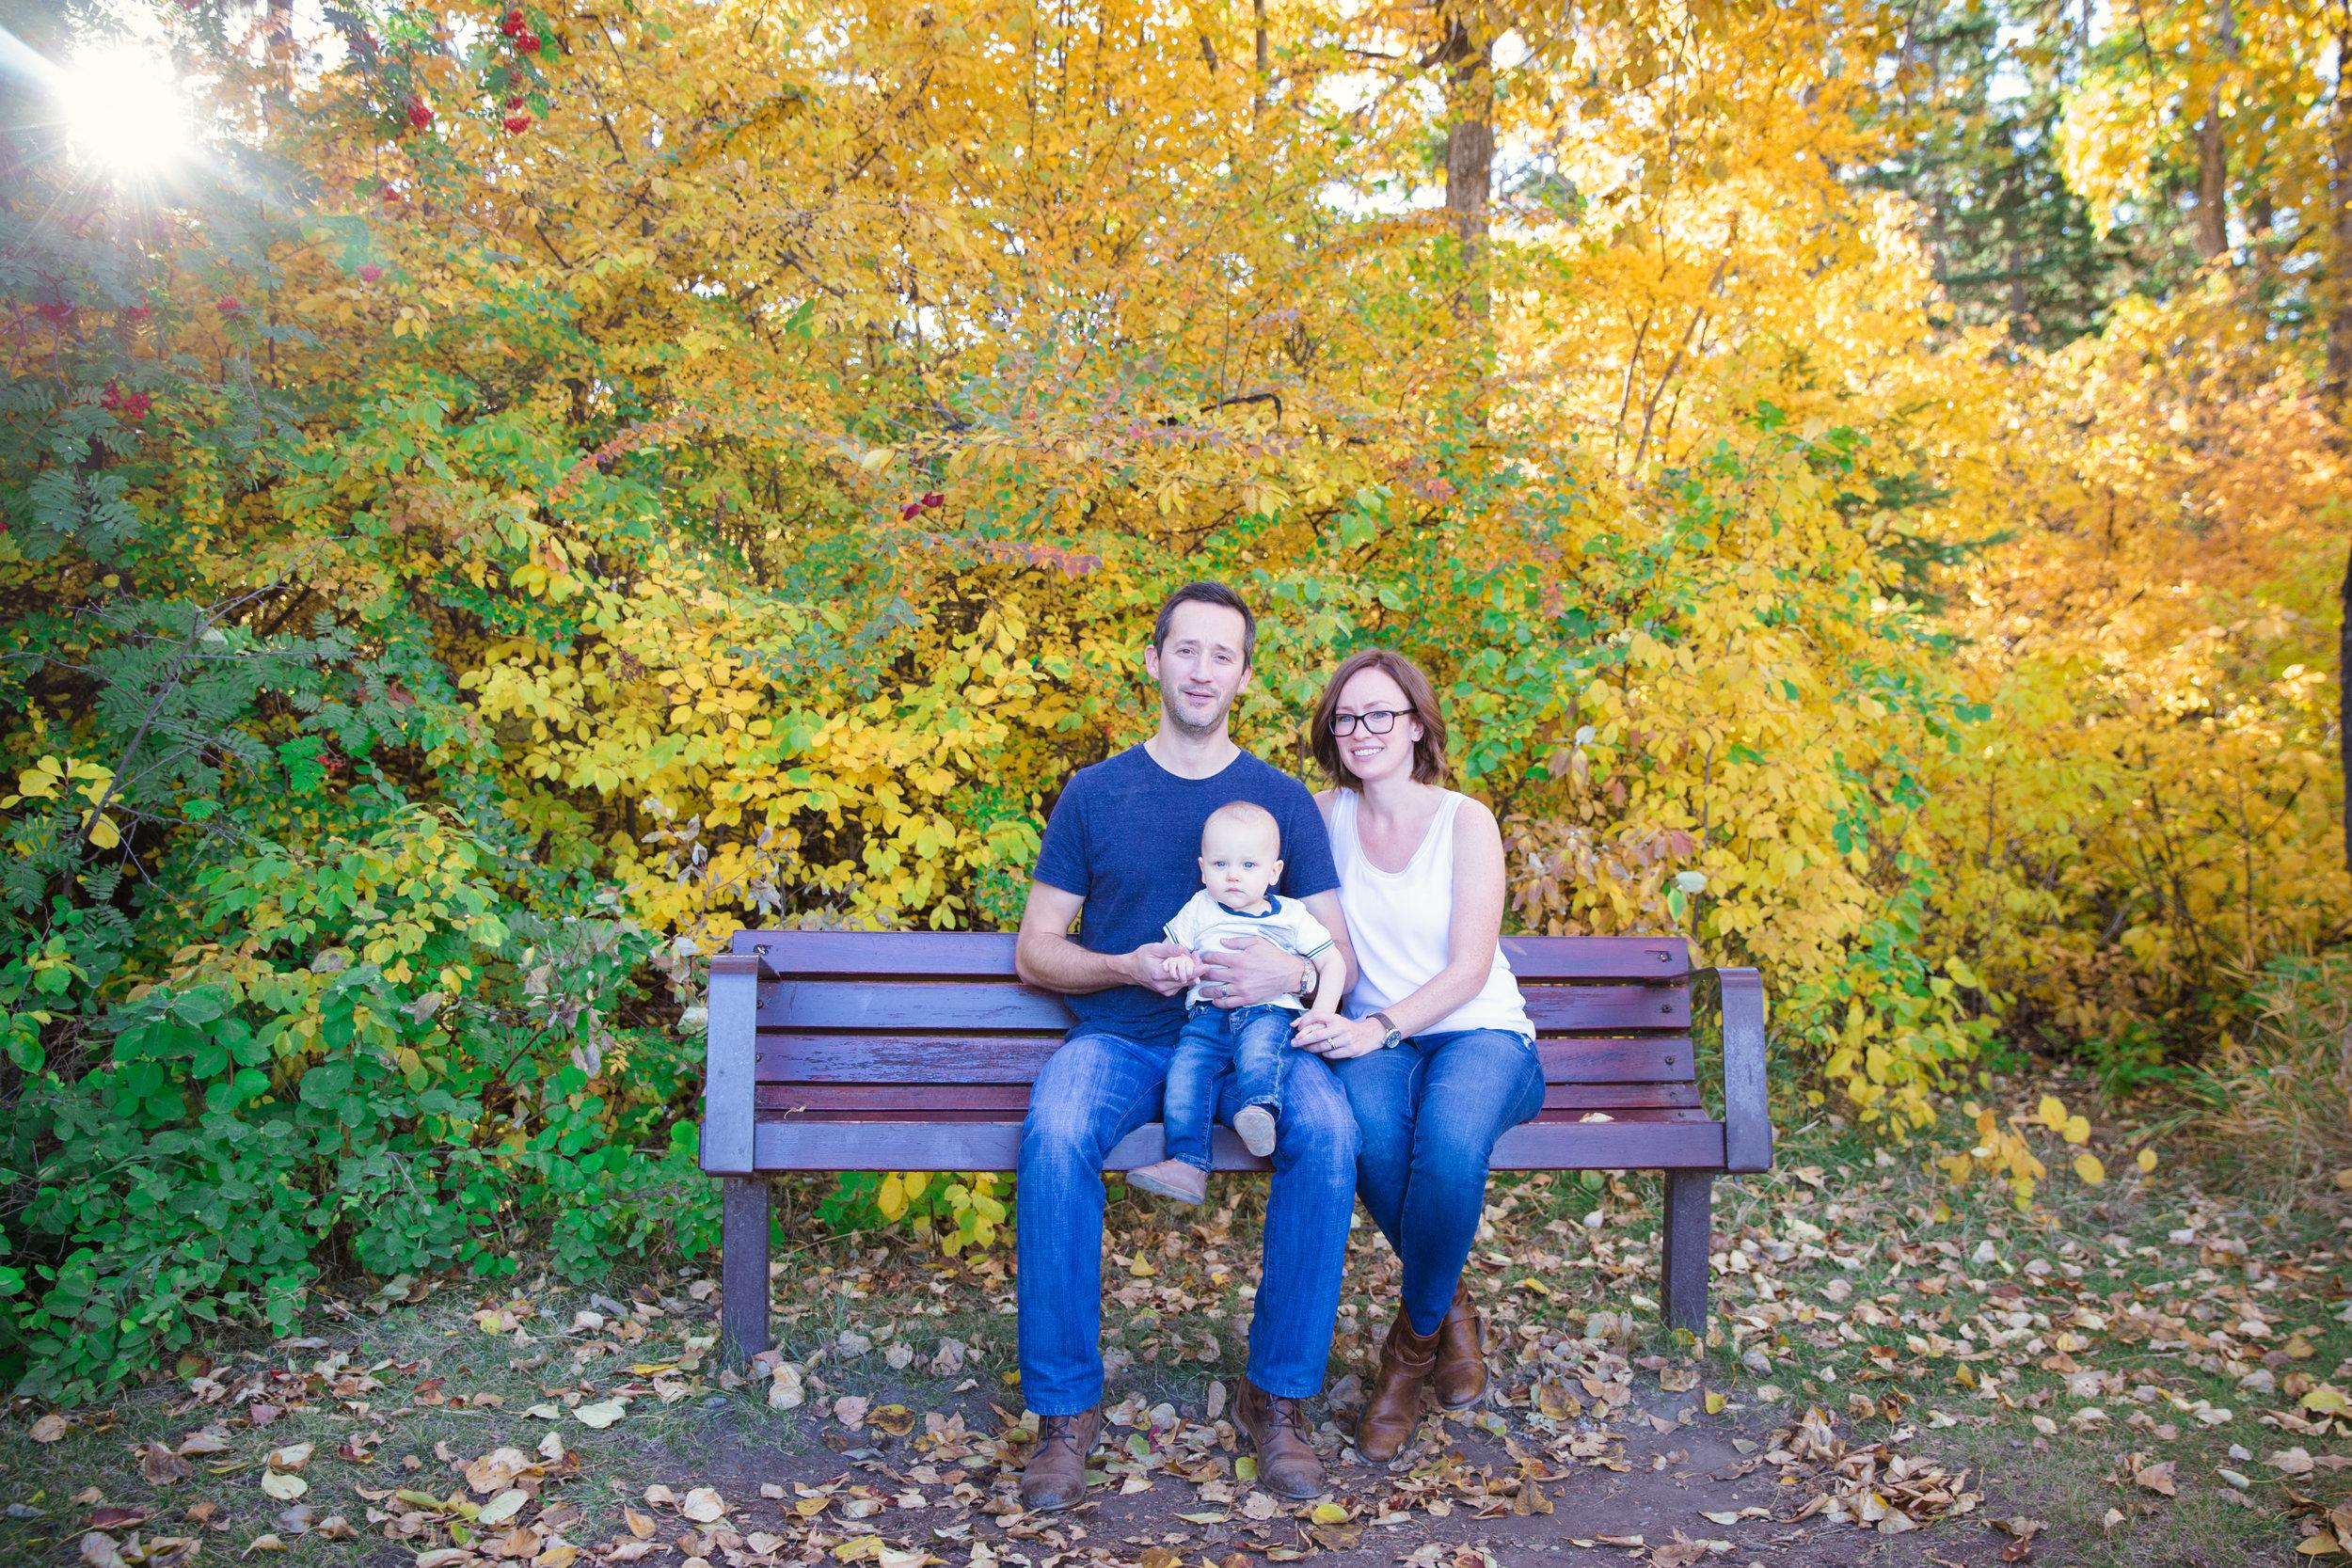 Fall Photoshoot - Edworthy Park - Calgary Photographer